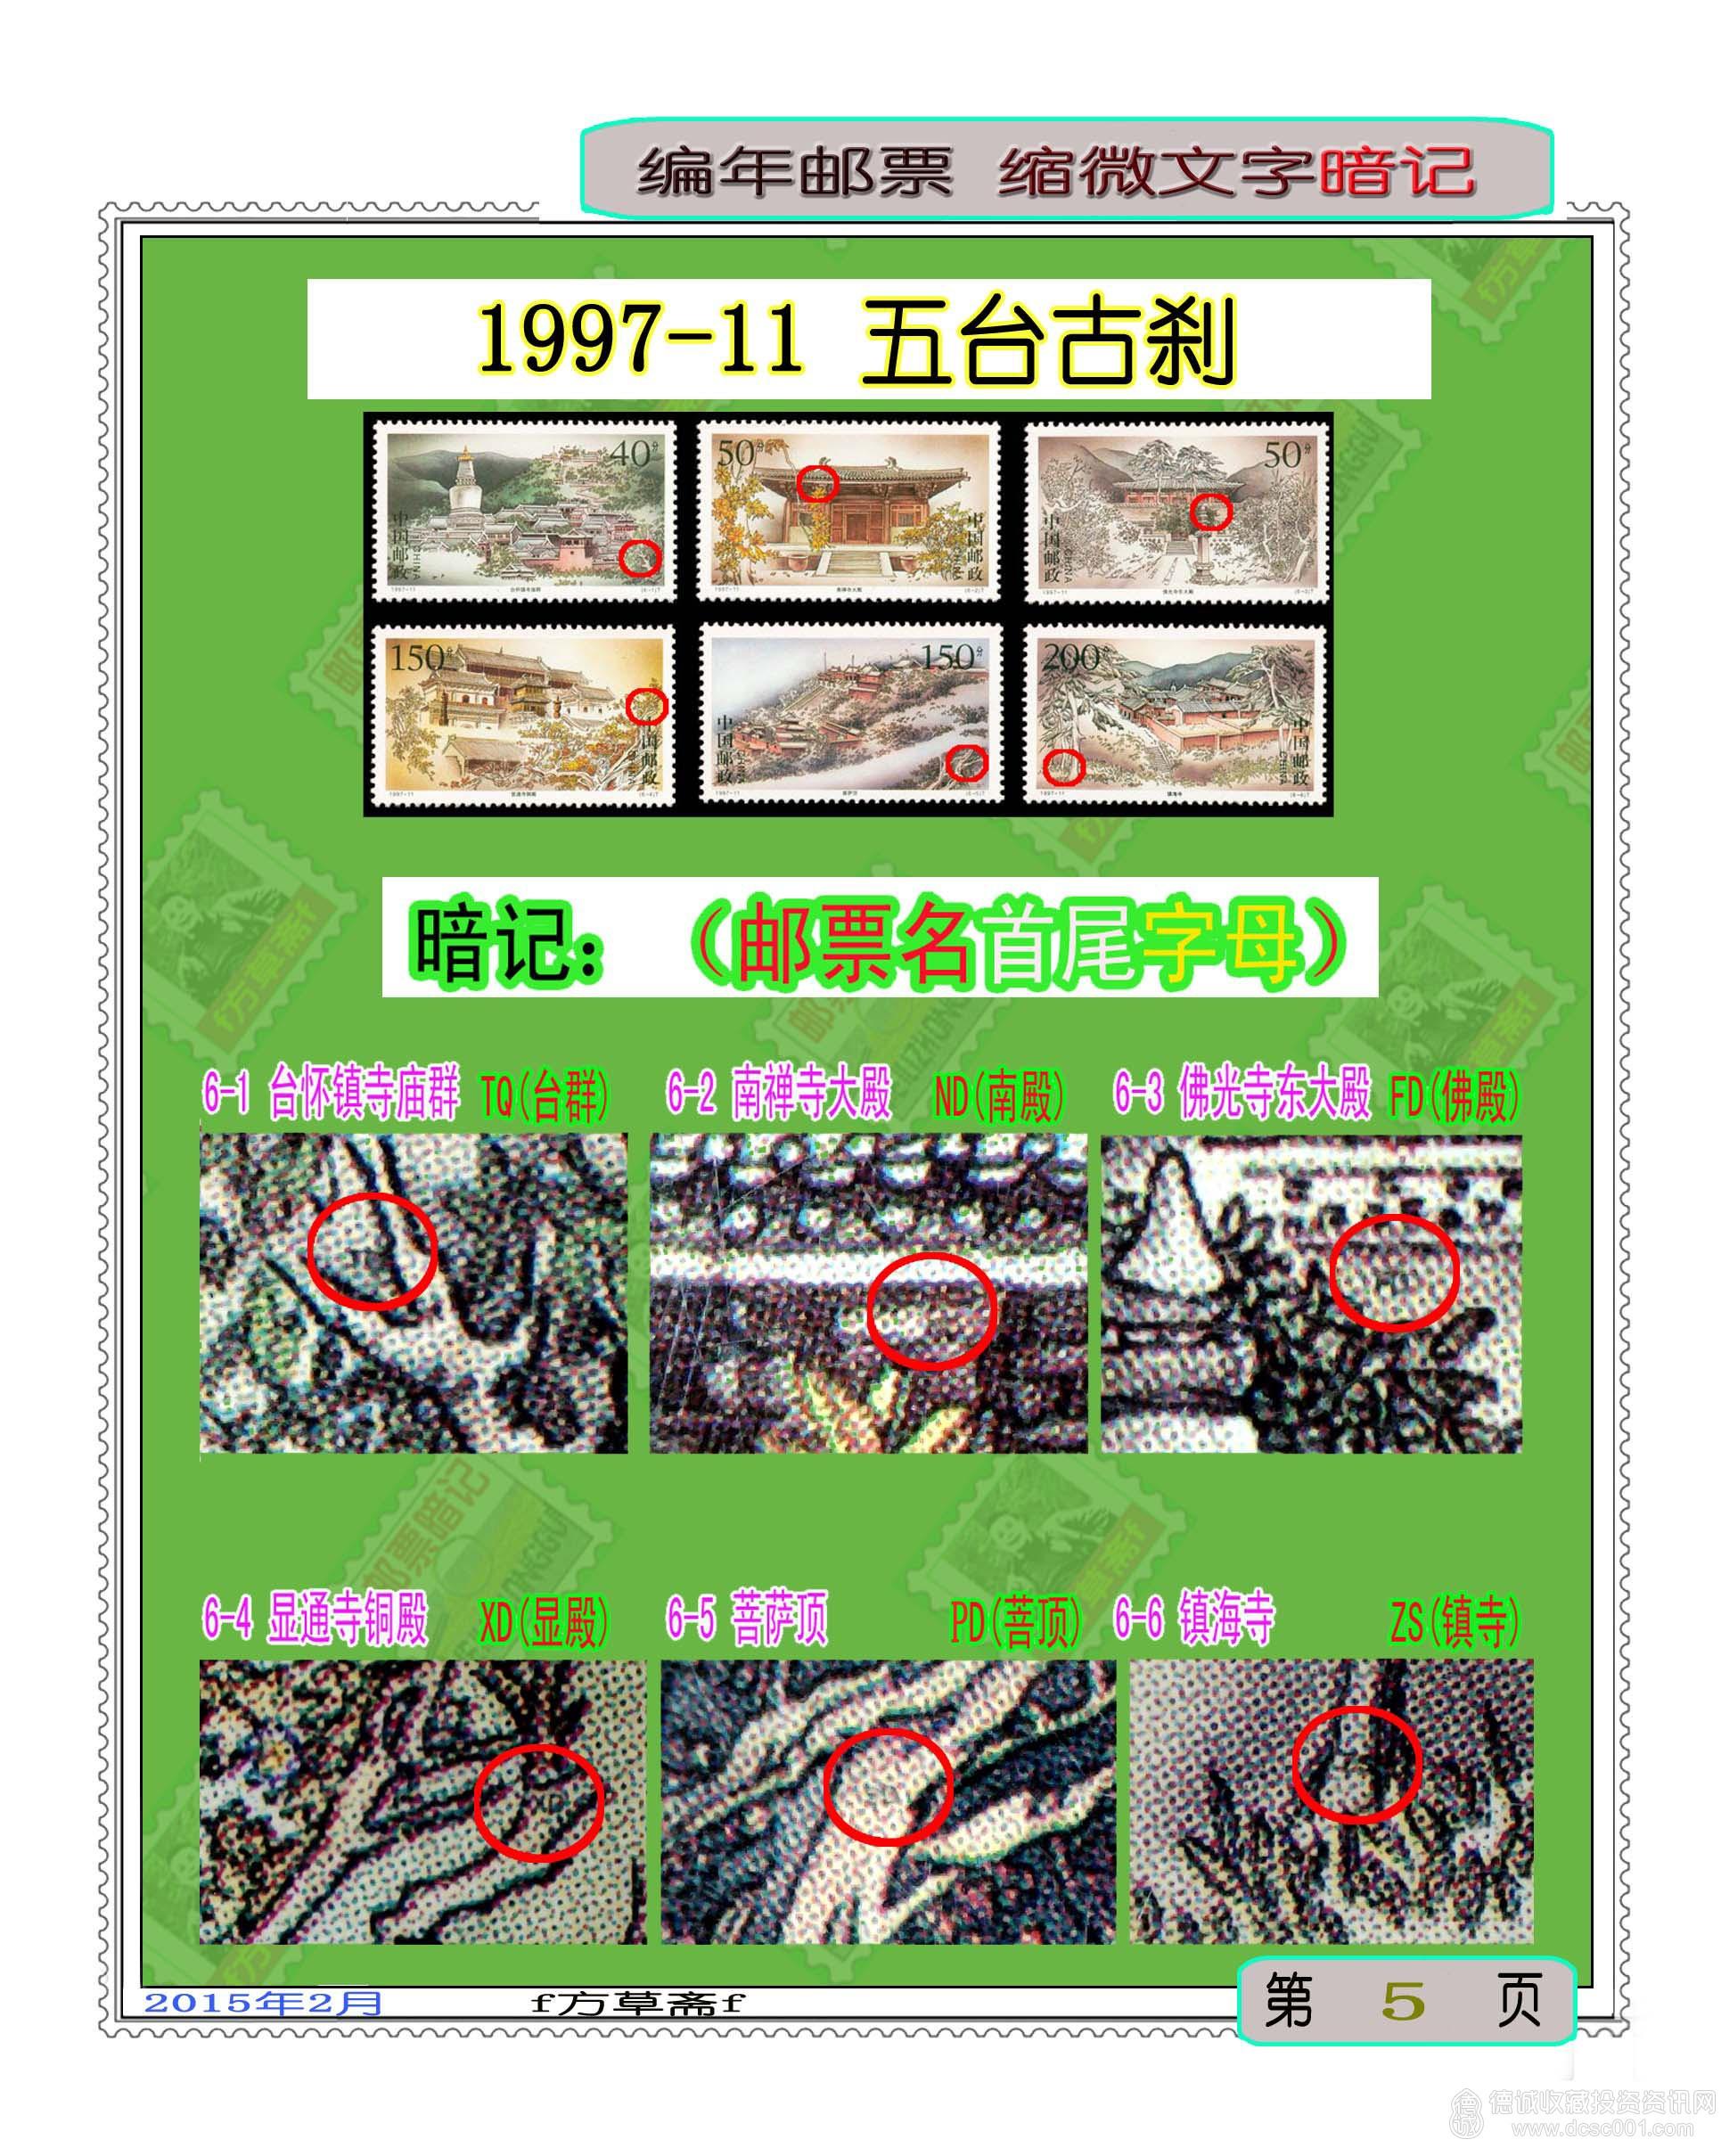 1997-11 五台古刹(T).jpg